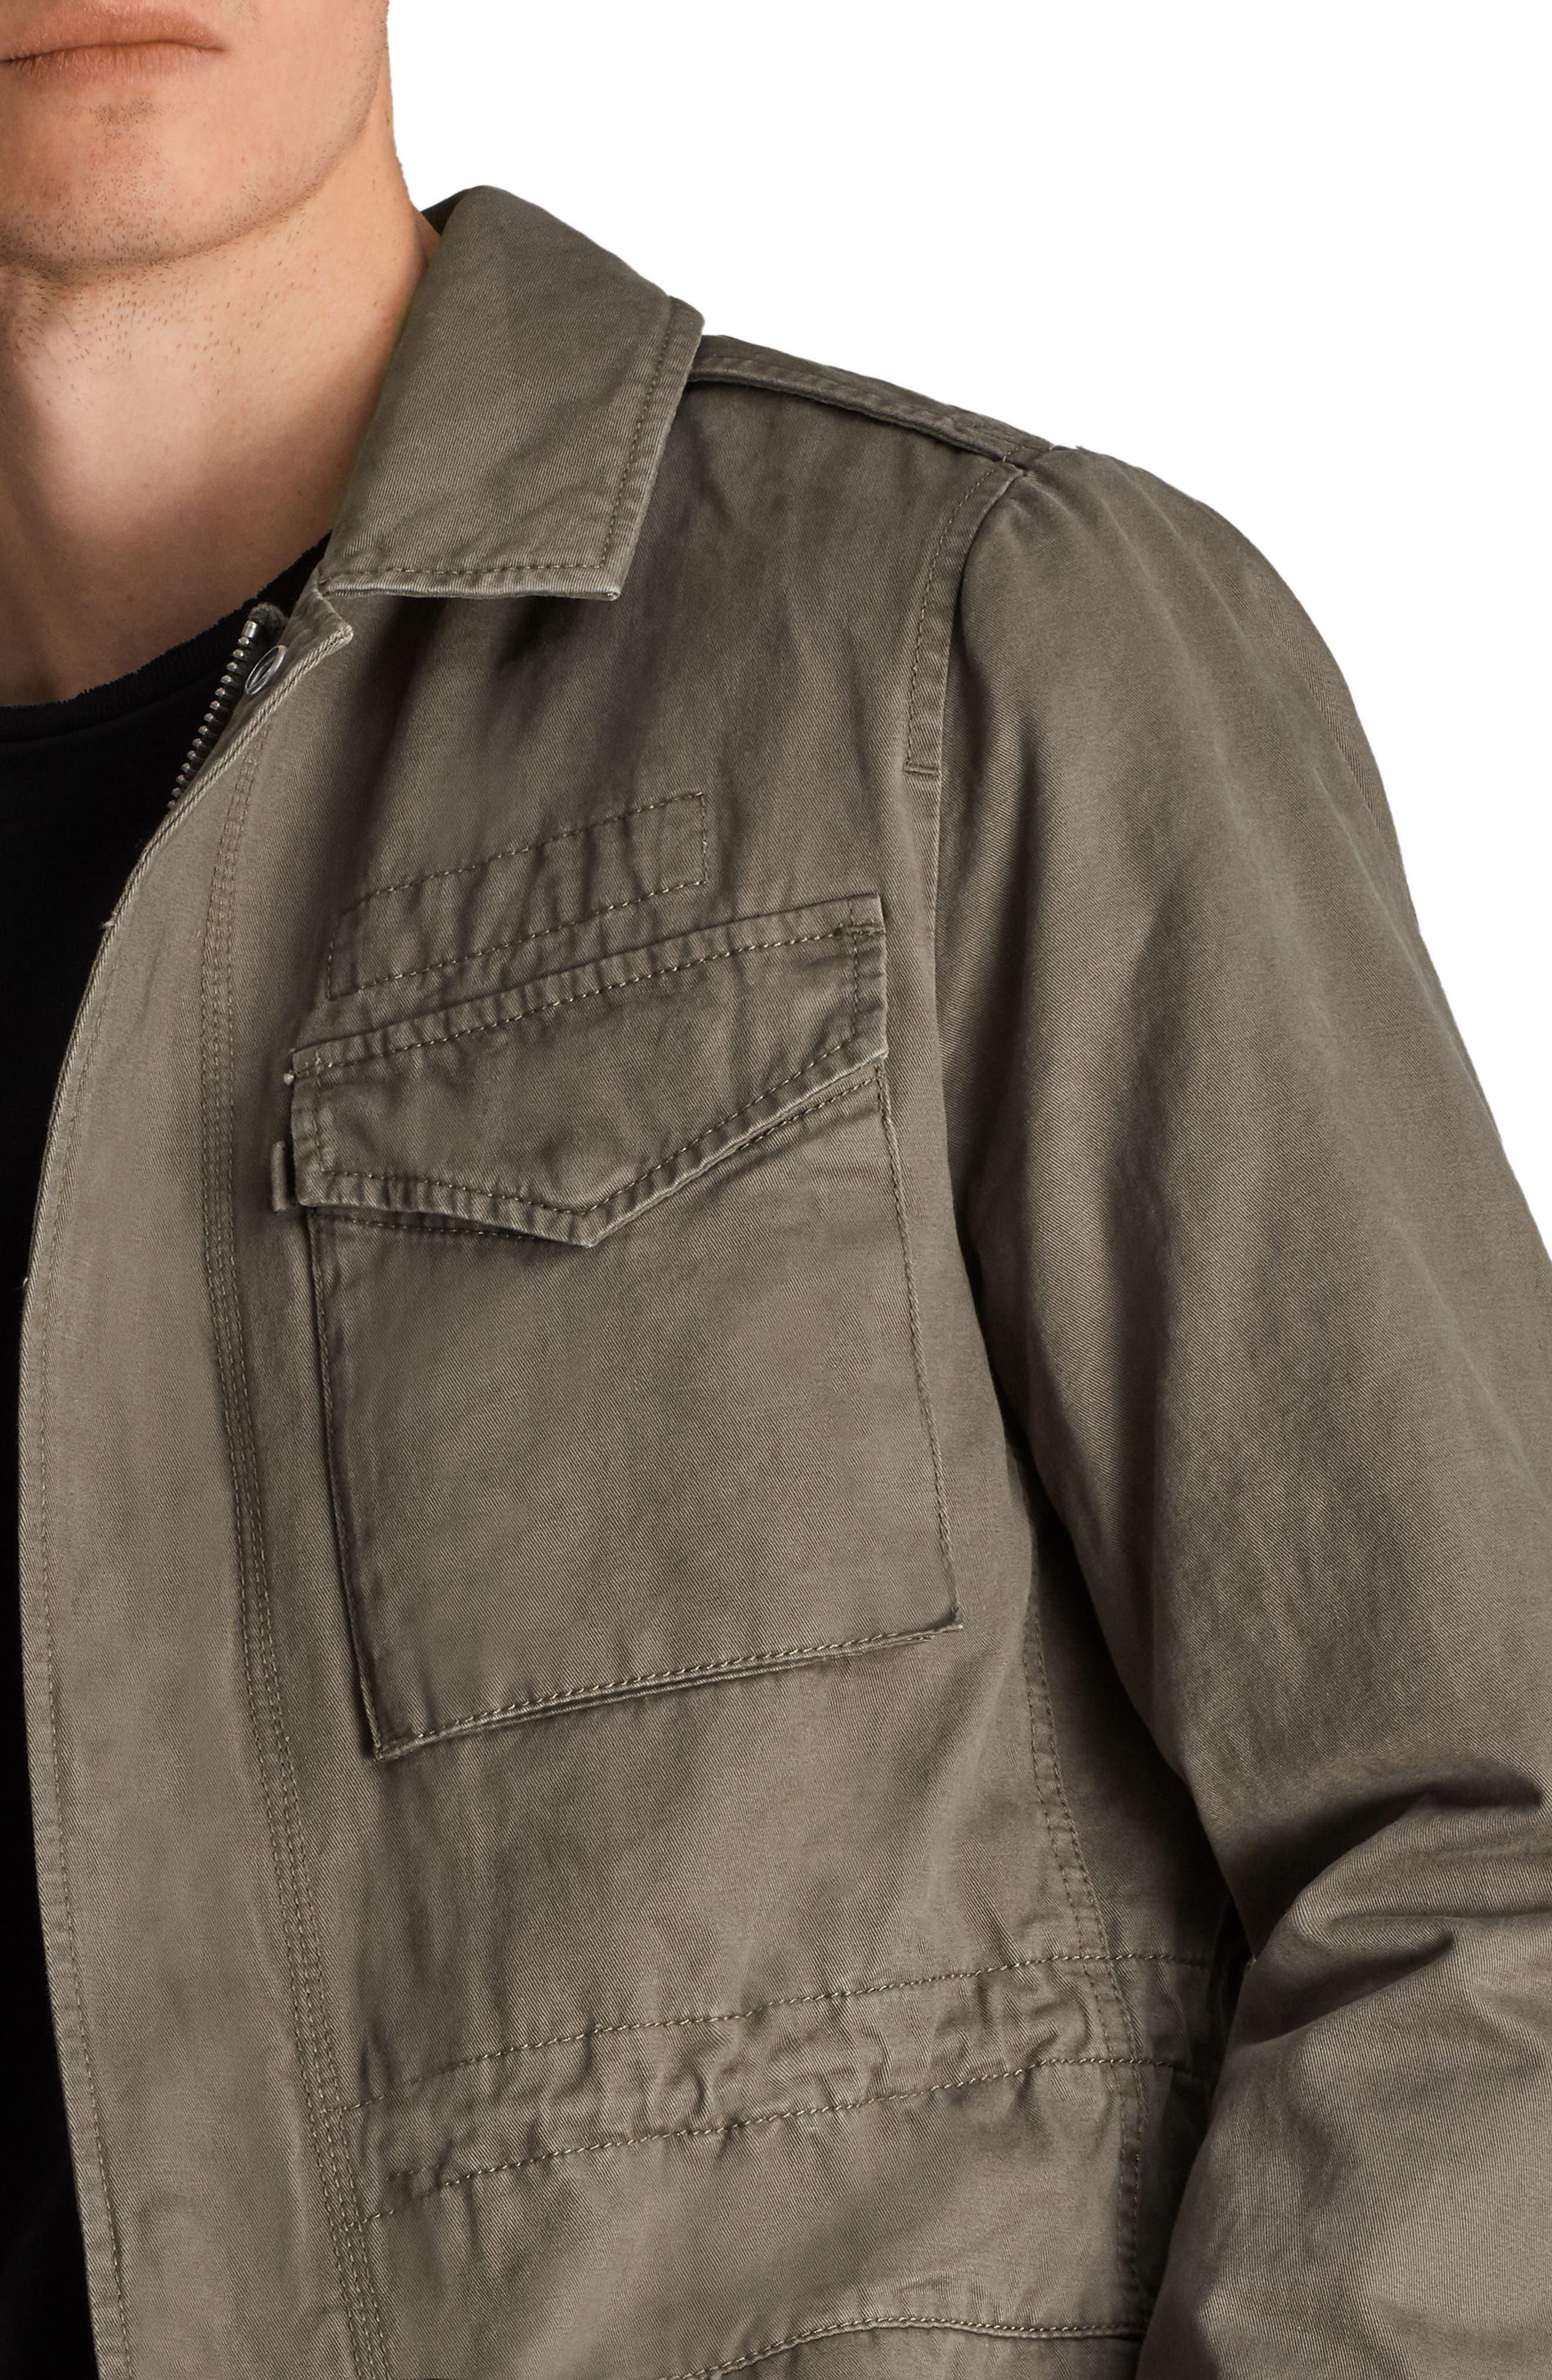 Cote Regular Fit Cotton Jacket,                             Alternate thumbnail 4, color,                             342